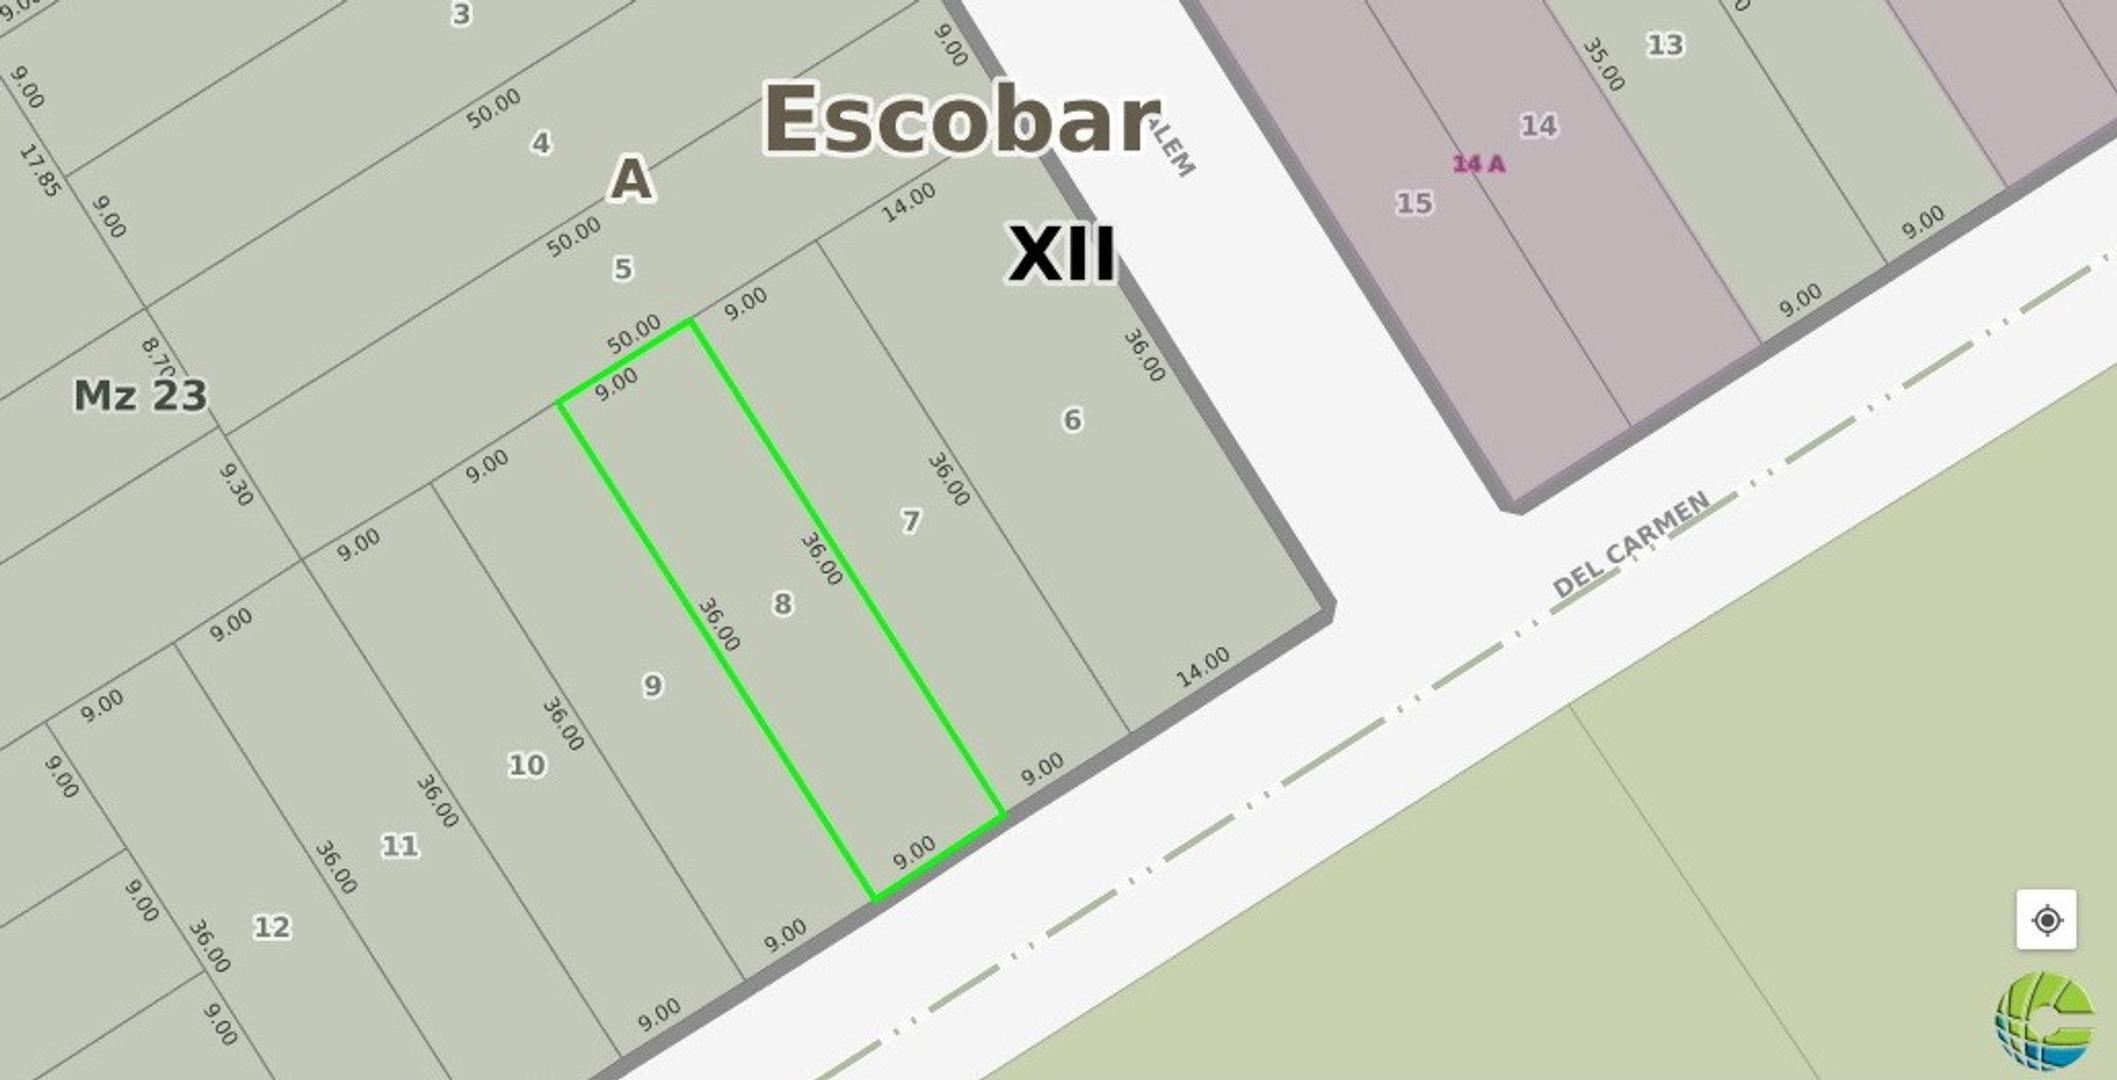 Excelente Lote en Escobar